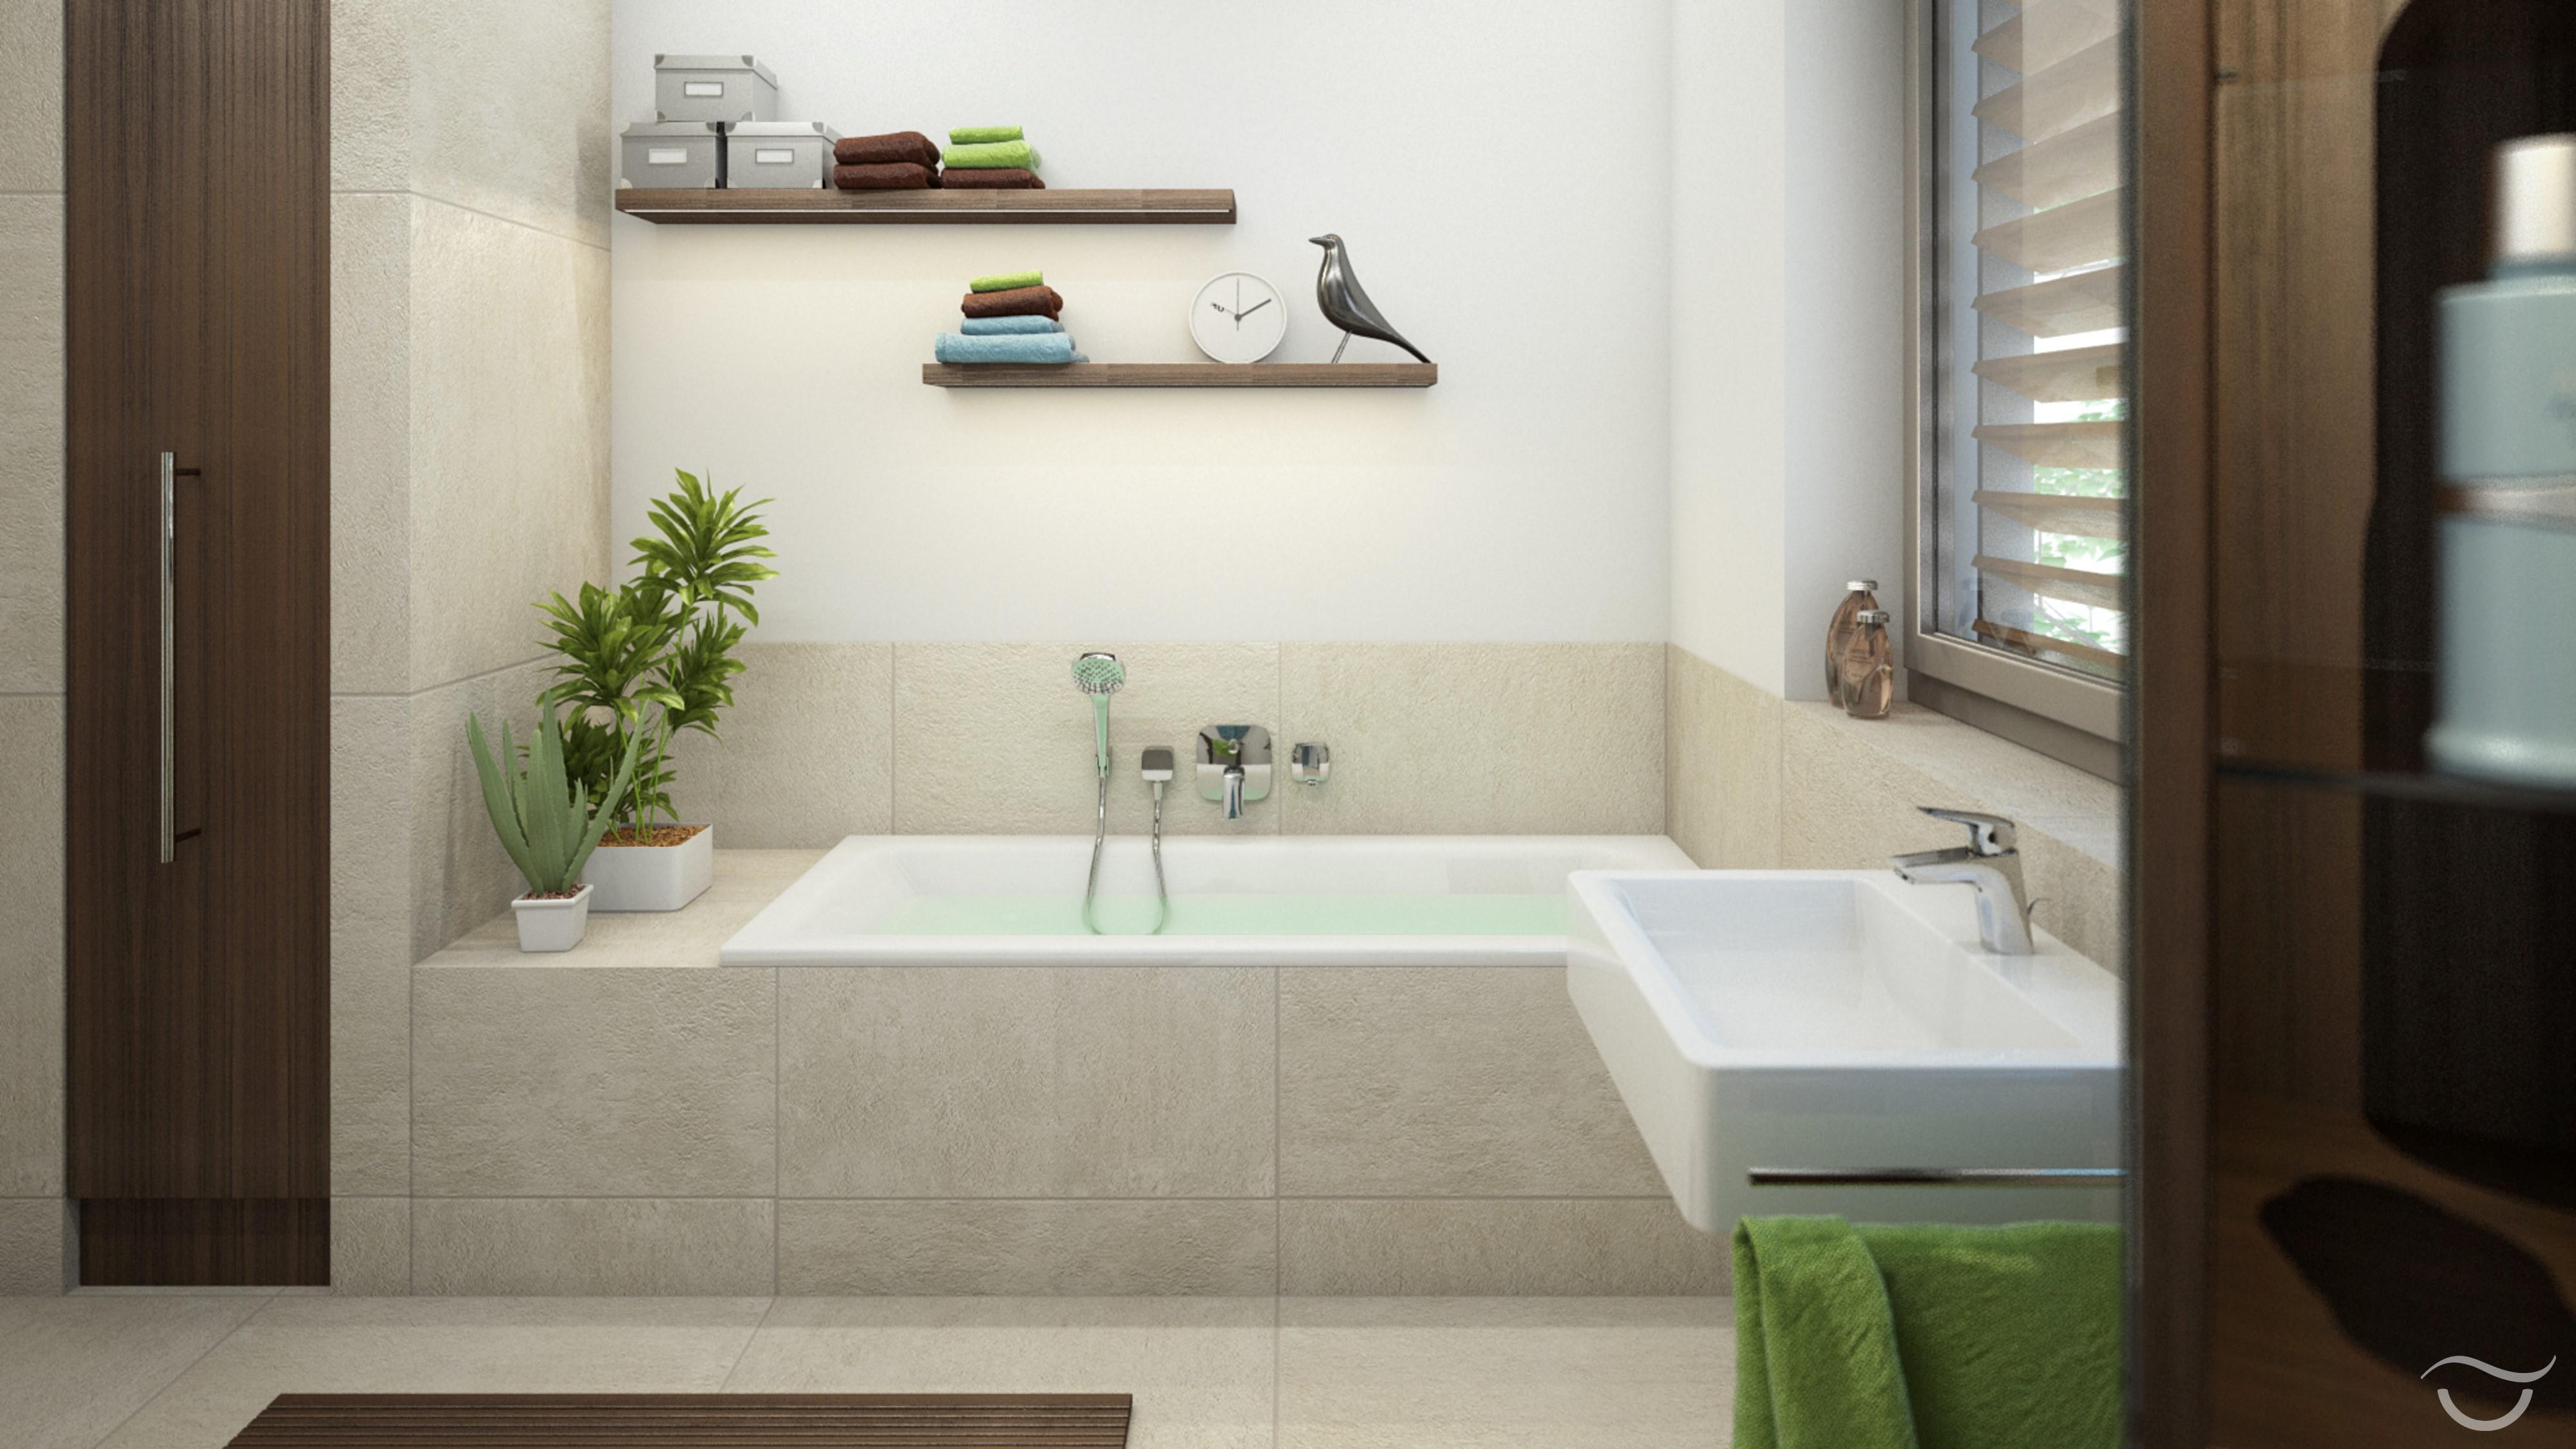 Bevorzugt Eingemauerte Badewanne • Bilder & Ideen • COUCH HT32